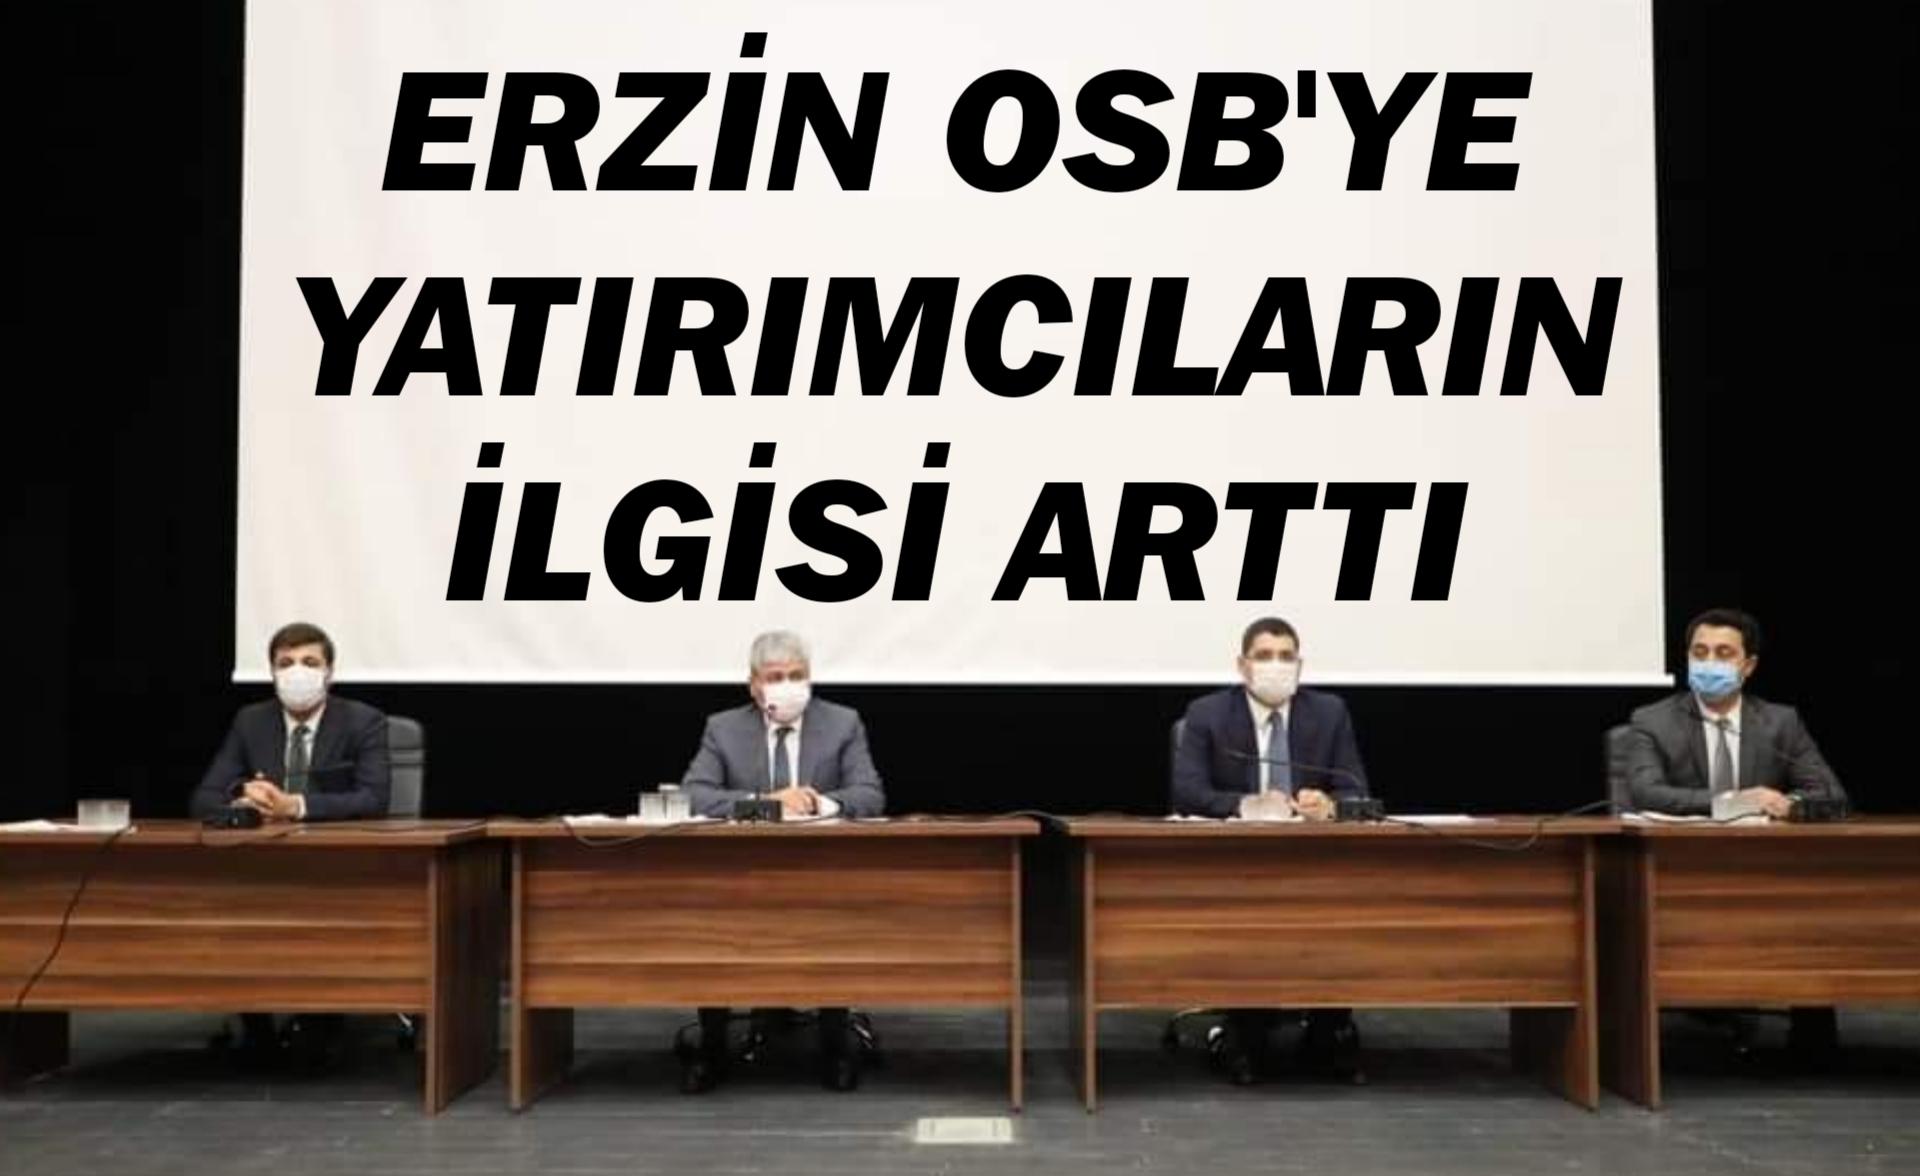 Erzin OSB'ye Yatırımcıların İlgisi Arttı